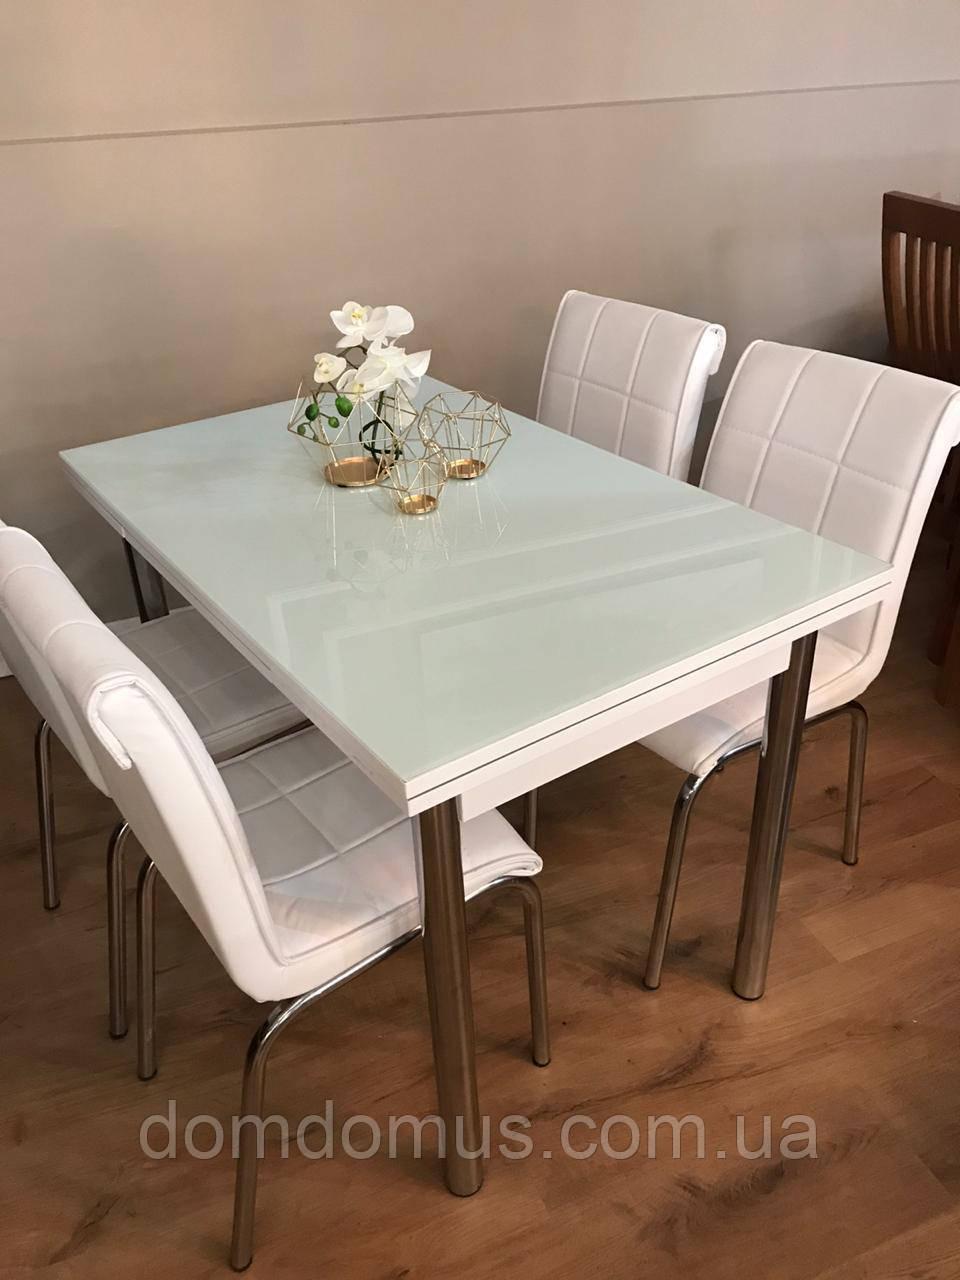 """Комплект обеденной мебели """"Белый """" (стол ДСП, каленное стекло + 4 стула) Лидер, Турция"""